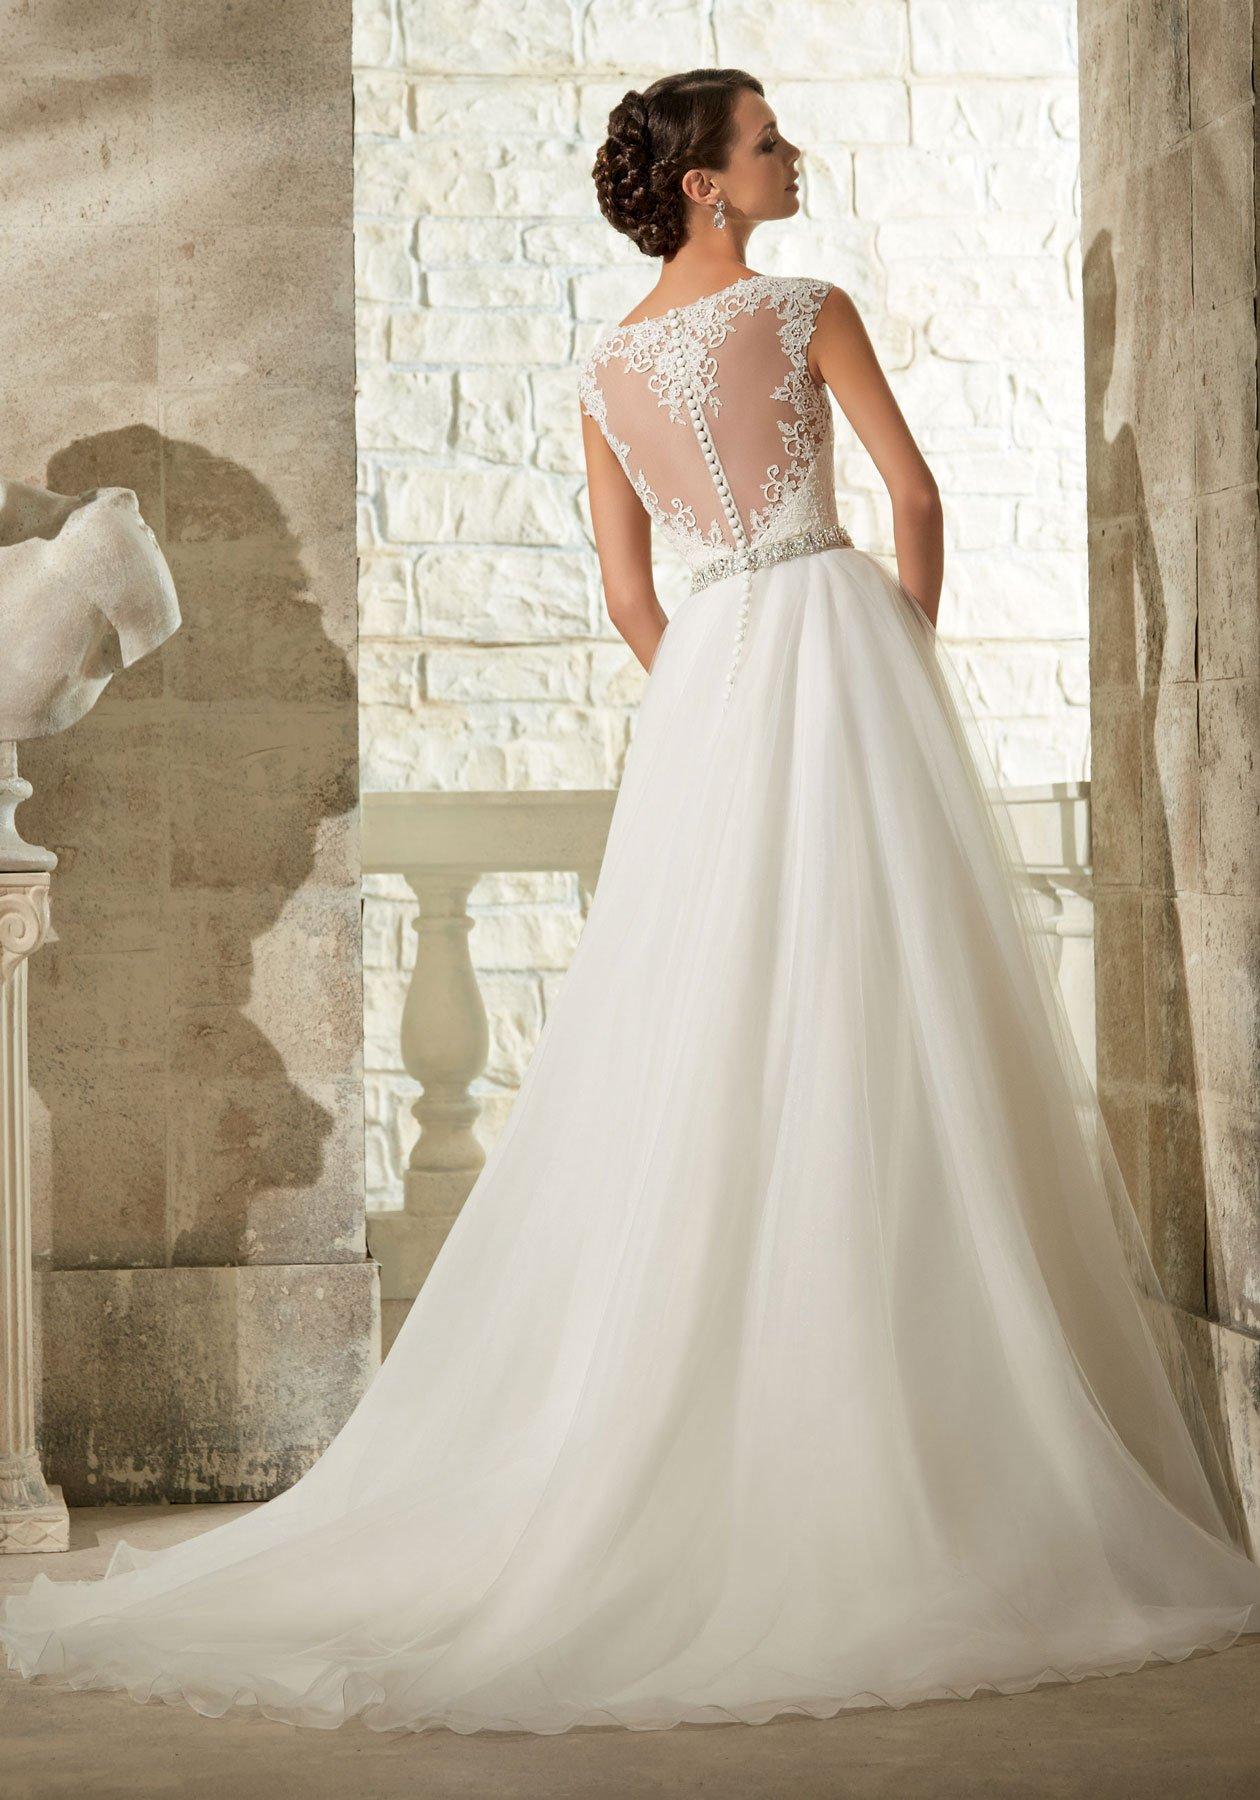 Cвадебное платье Mori Lee 5315